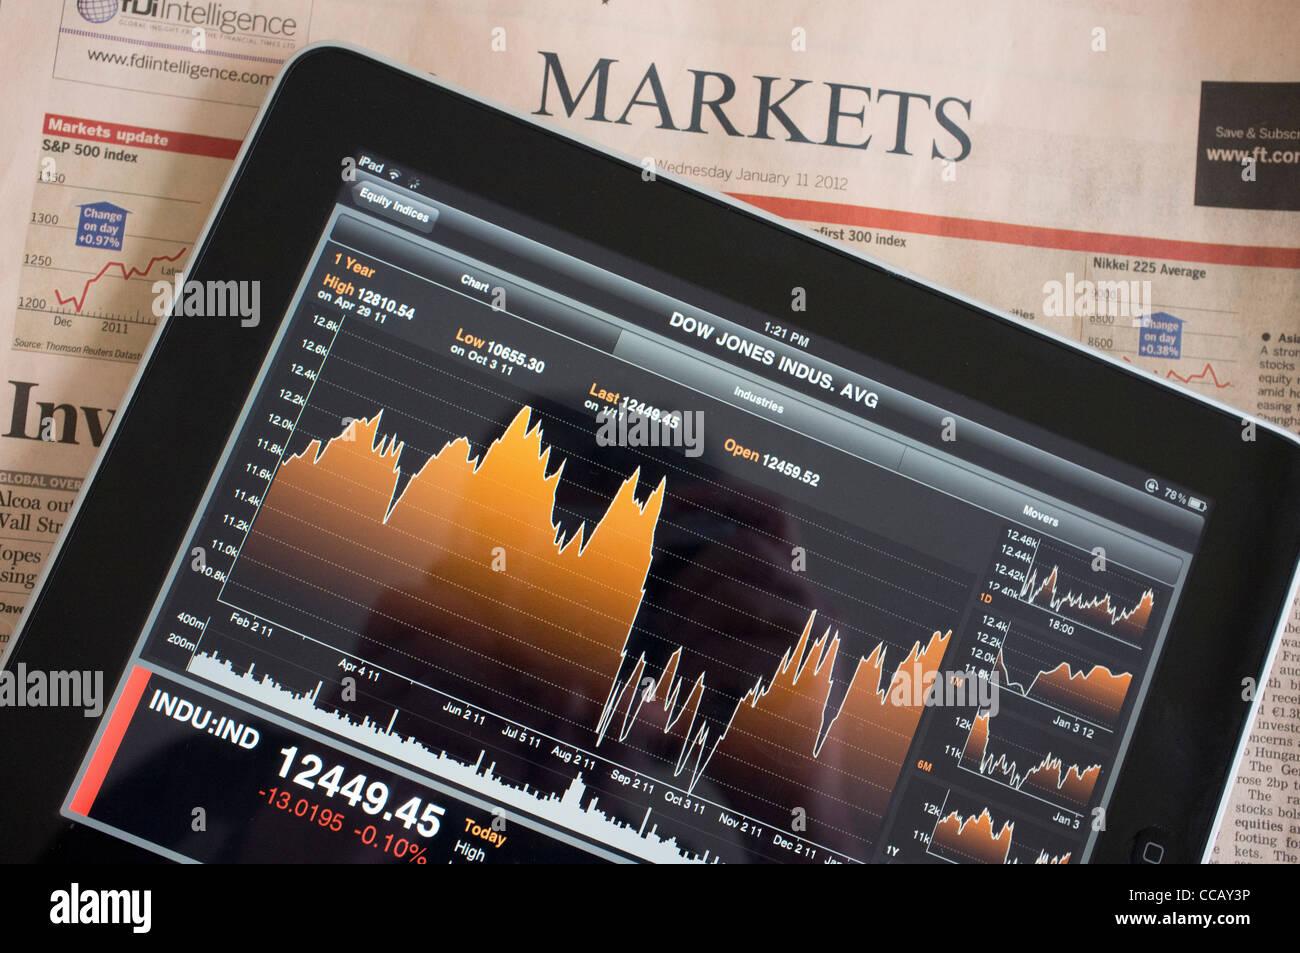 11177a1ecf Utilizzando l'iPad per mostrare il mercato azionario i dati utilizzando un'applicazione  finanziaria